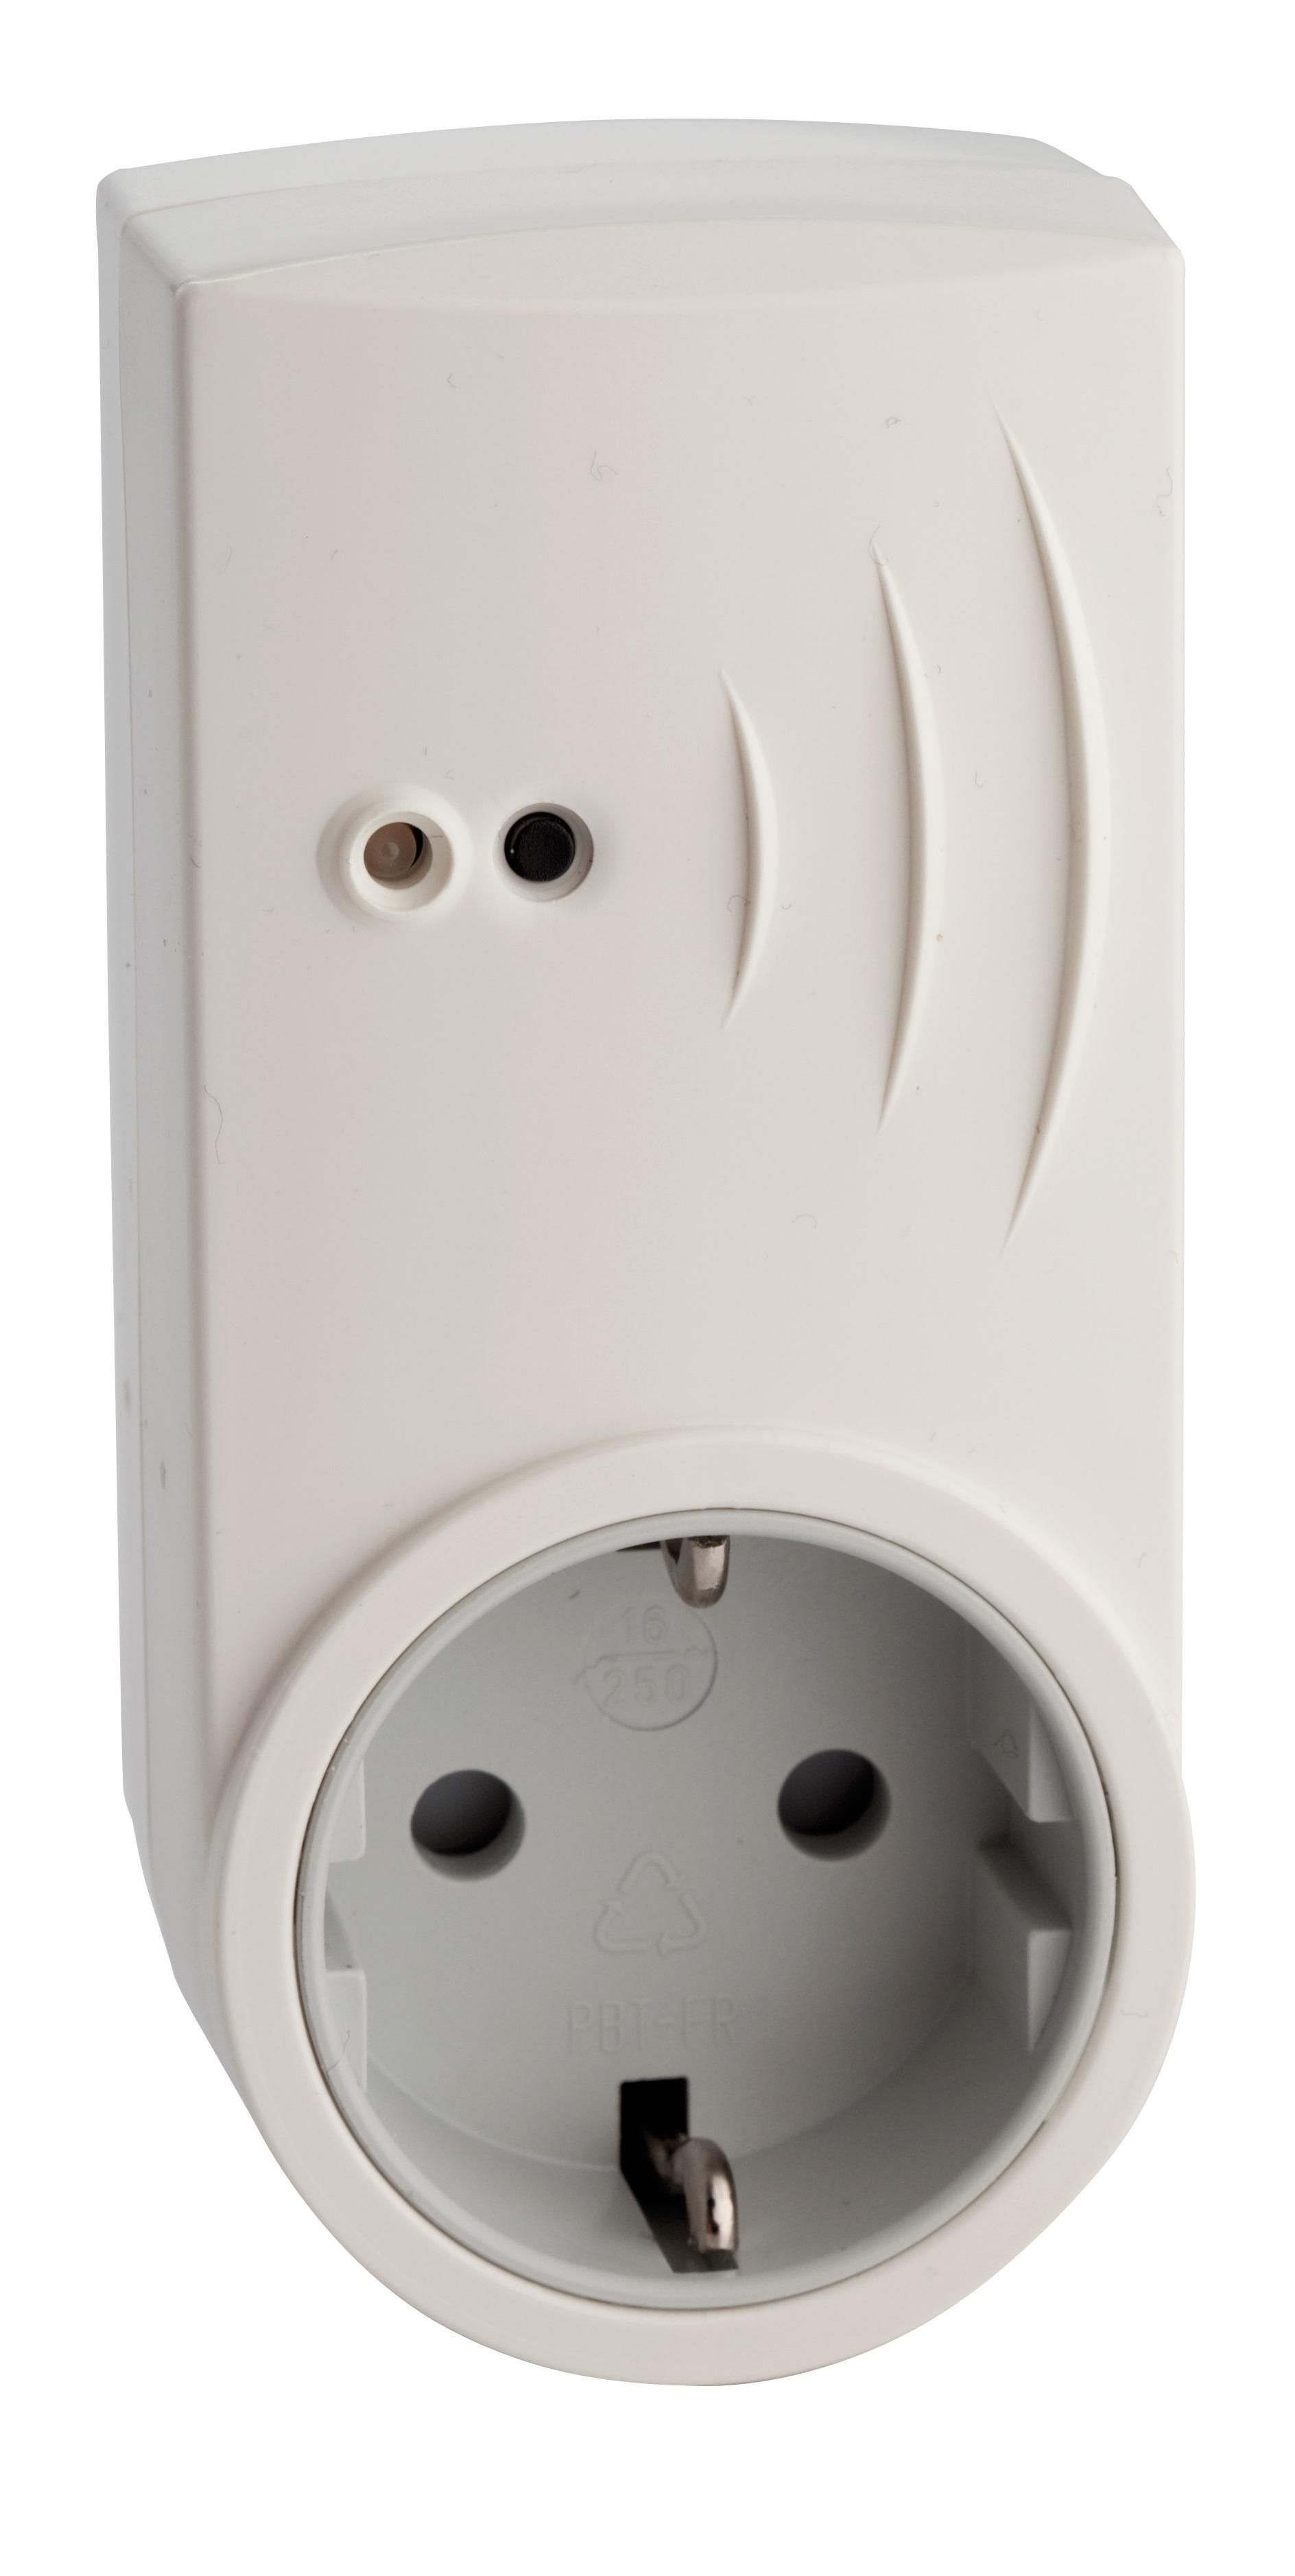 1 Stk Smart Plug PVC00004--